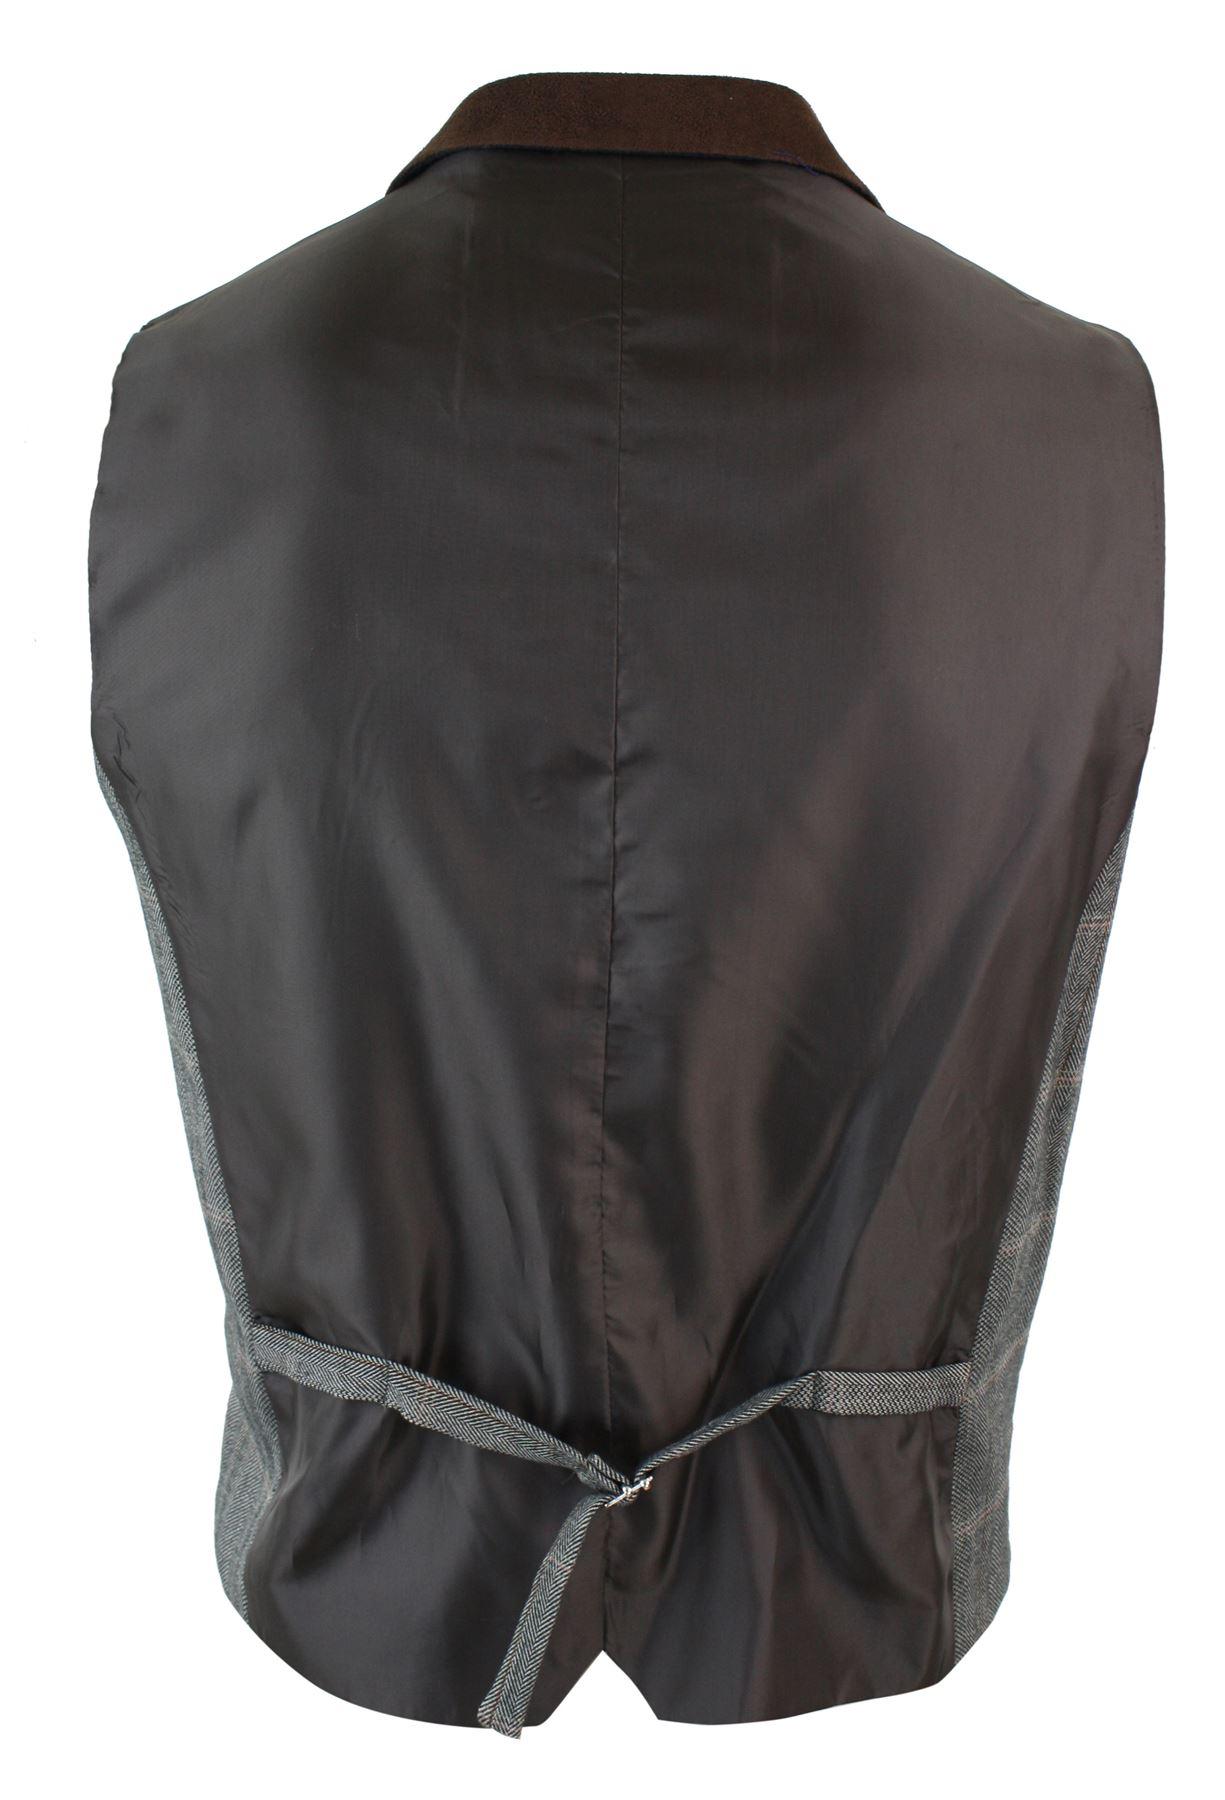 Mens-Double-Breasted-Herringbone-Tweed-Peaky-Blinders-Vintage-Check-Waistcoat miniatuur 29